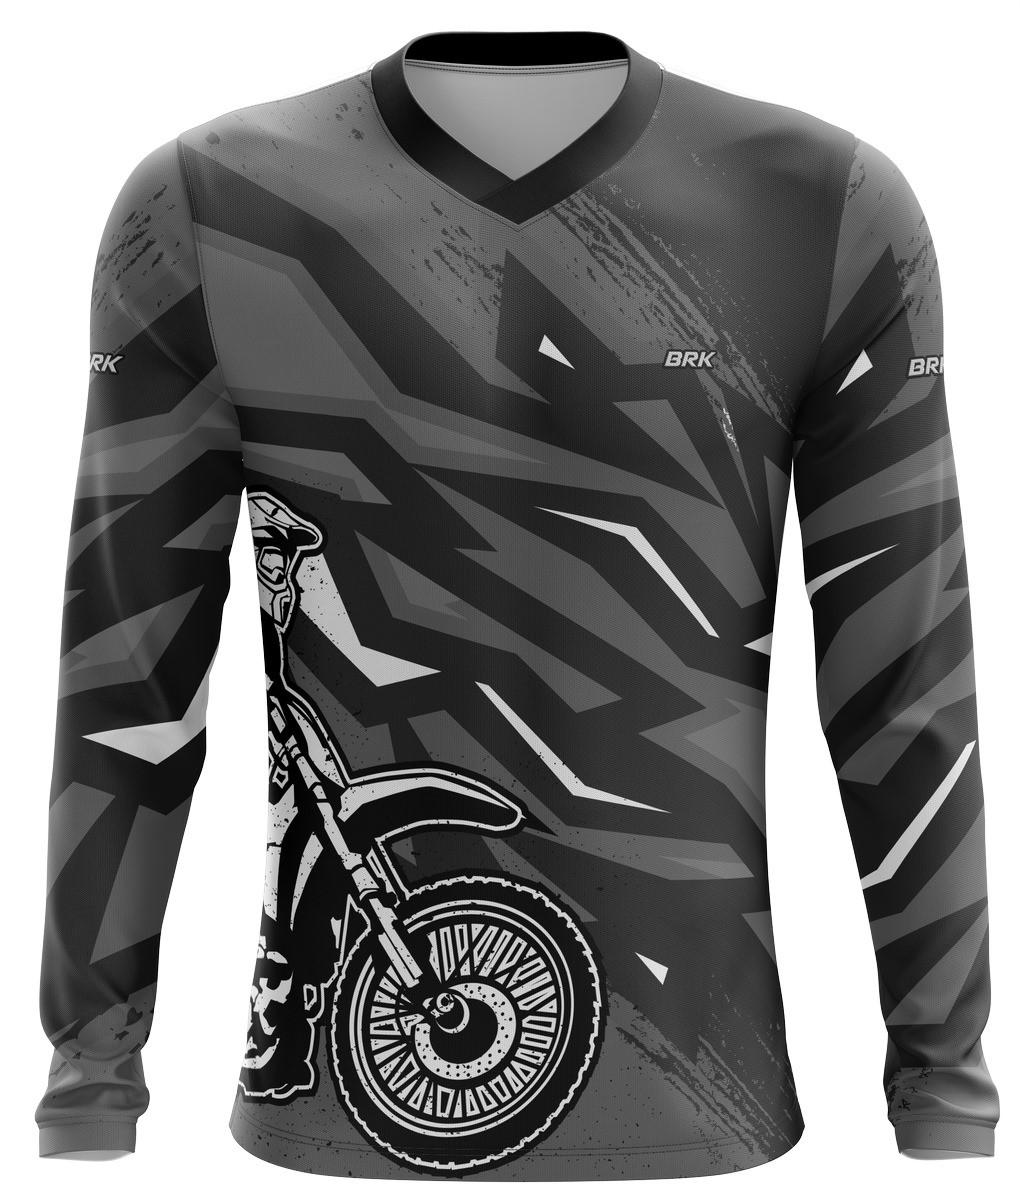 Camiseta Brk Motocross Preto com Cinza com fps 50+